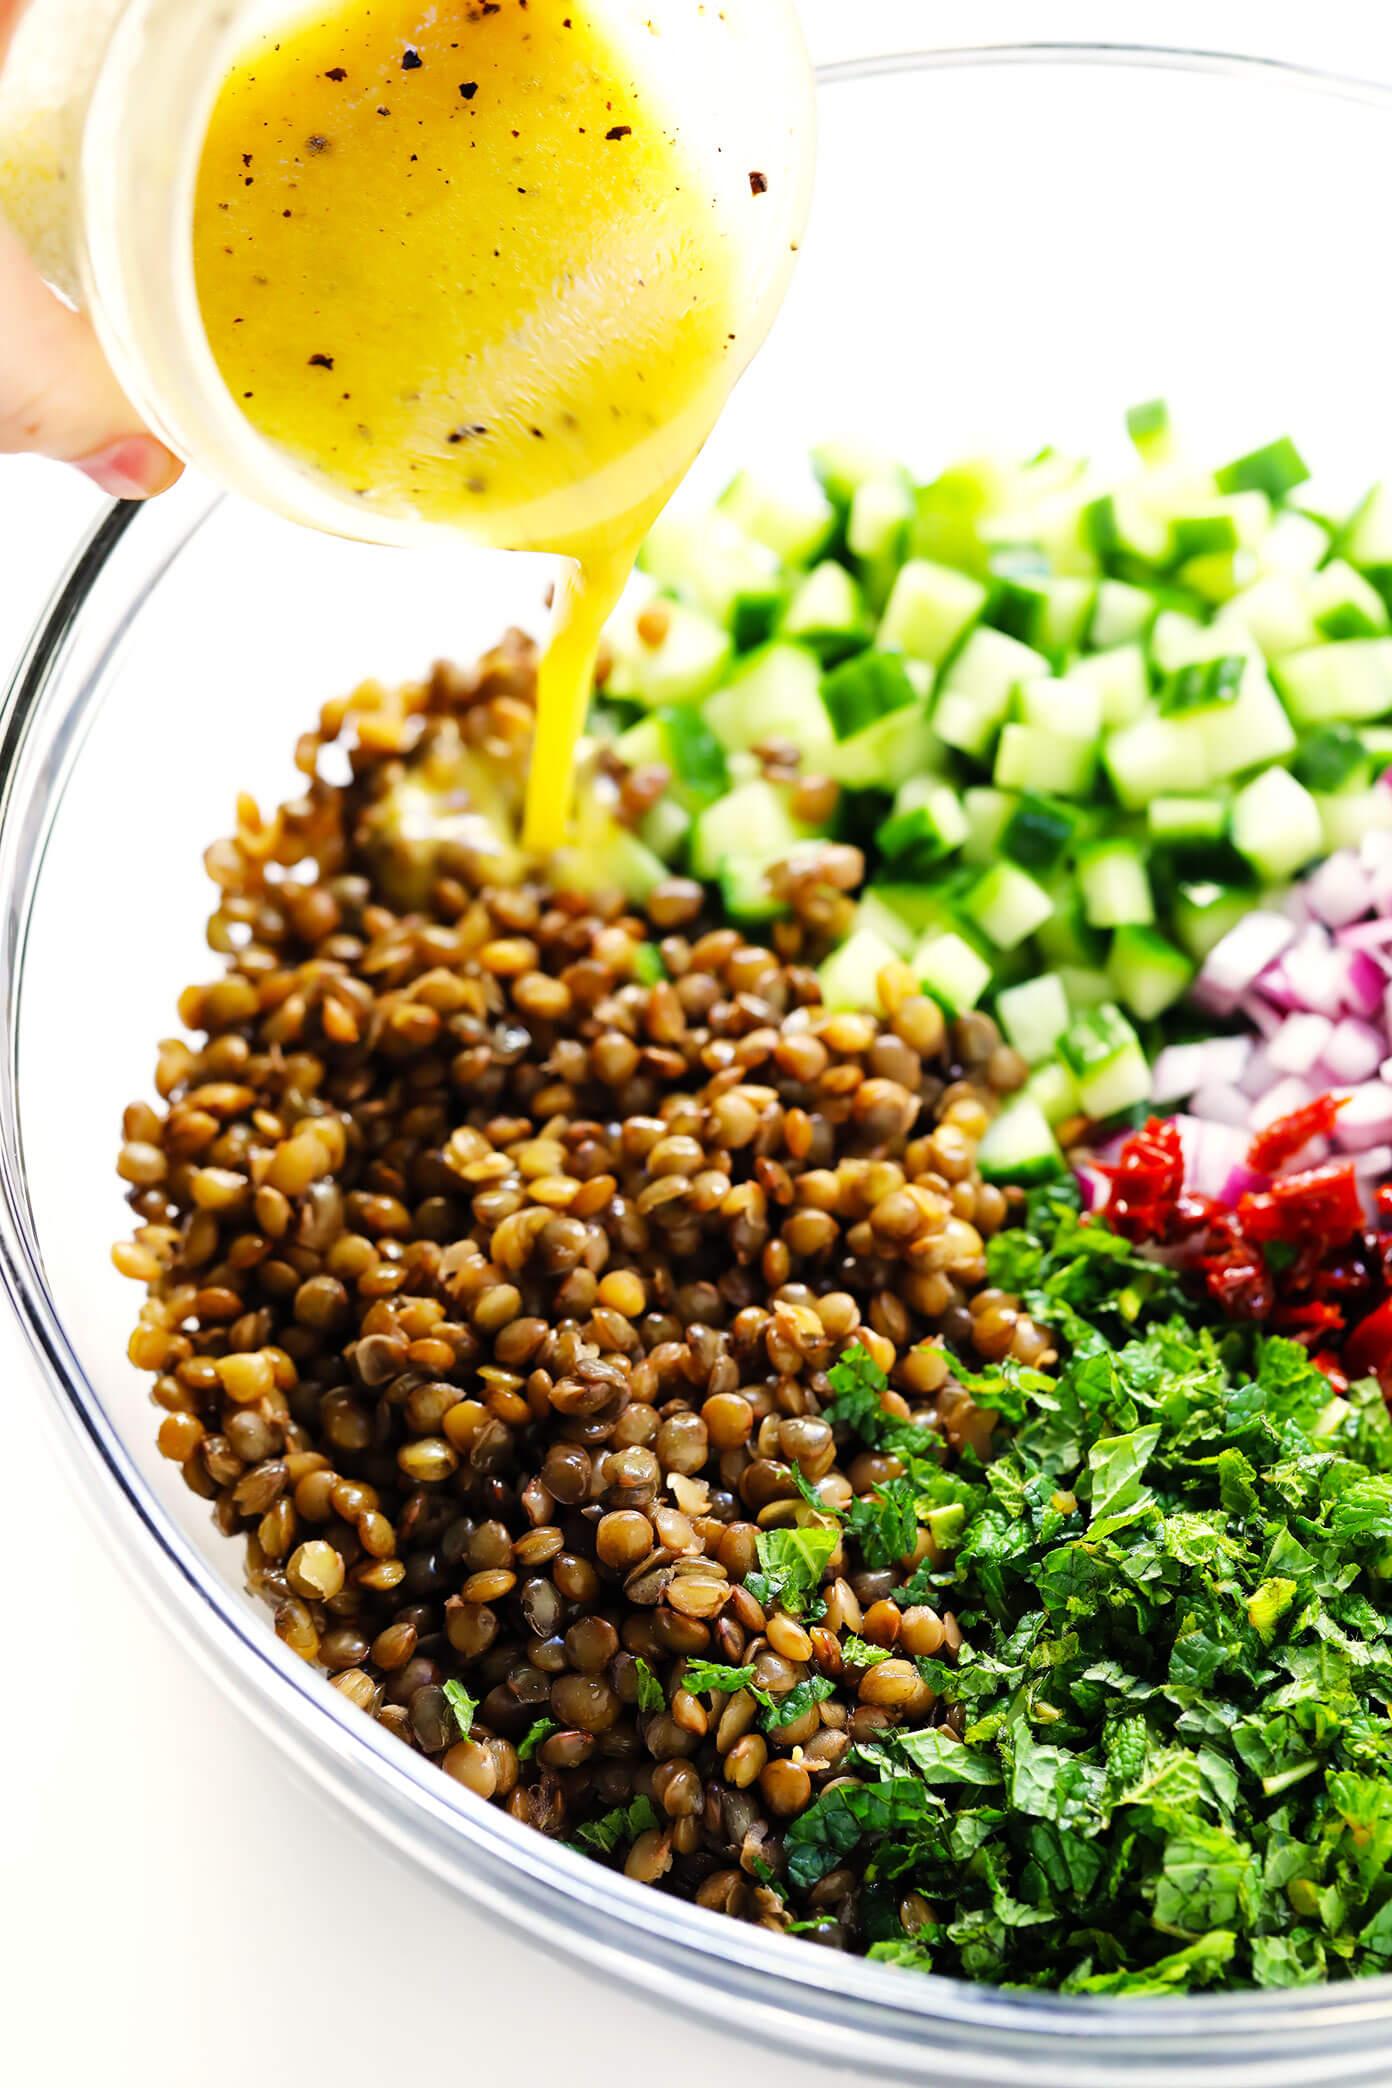 Healthy Lentil Salad with Lemon Dressing